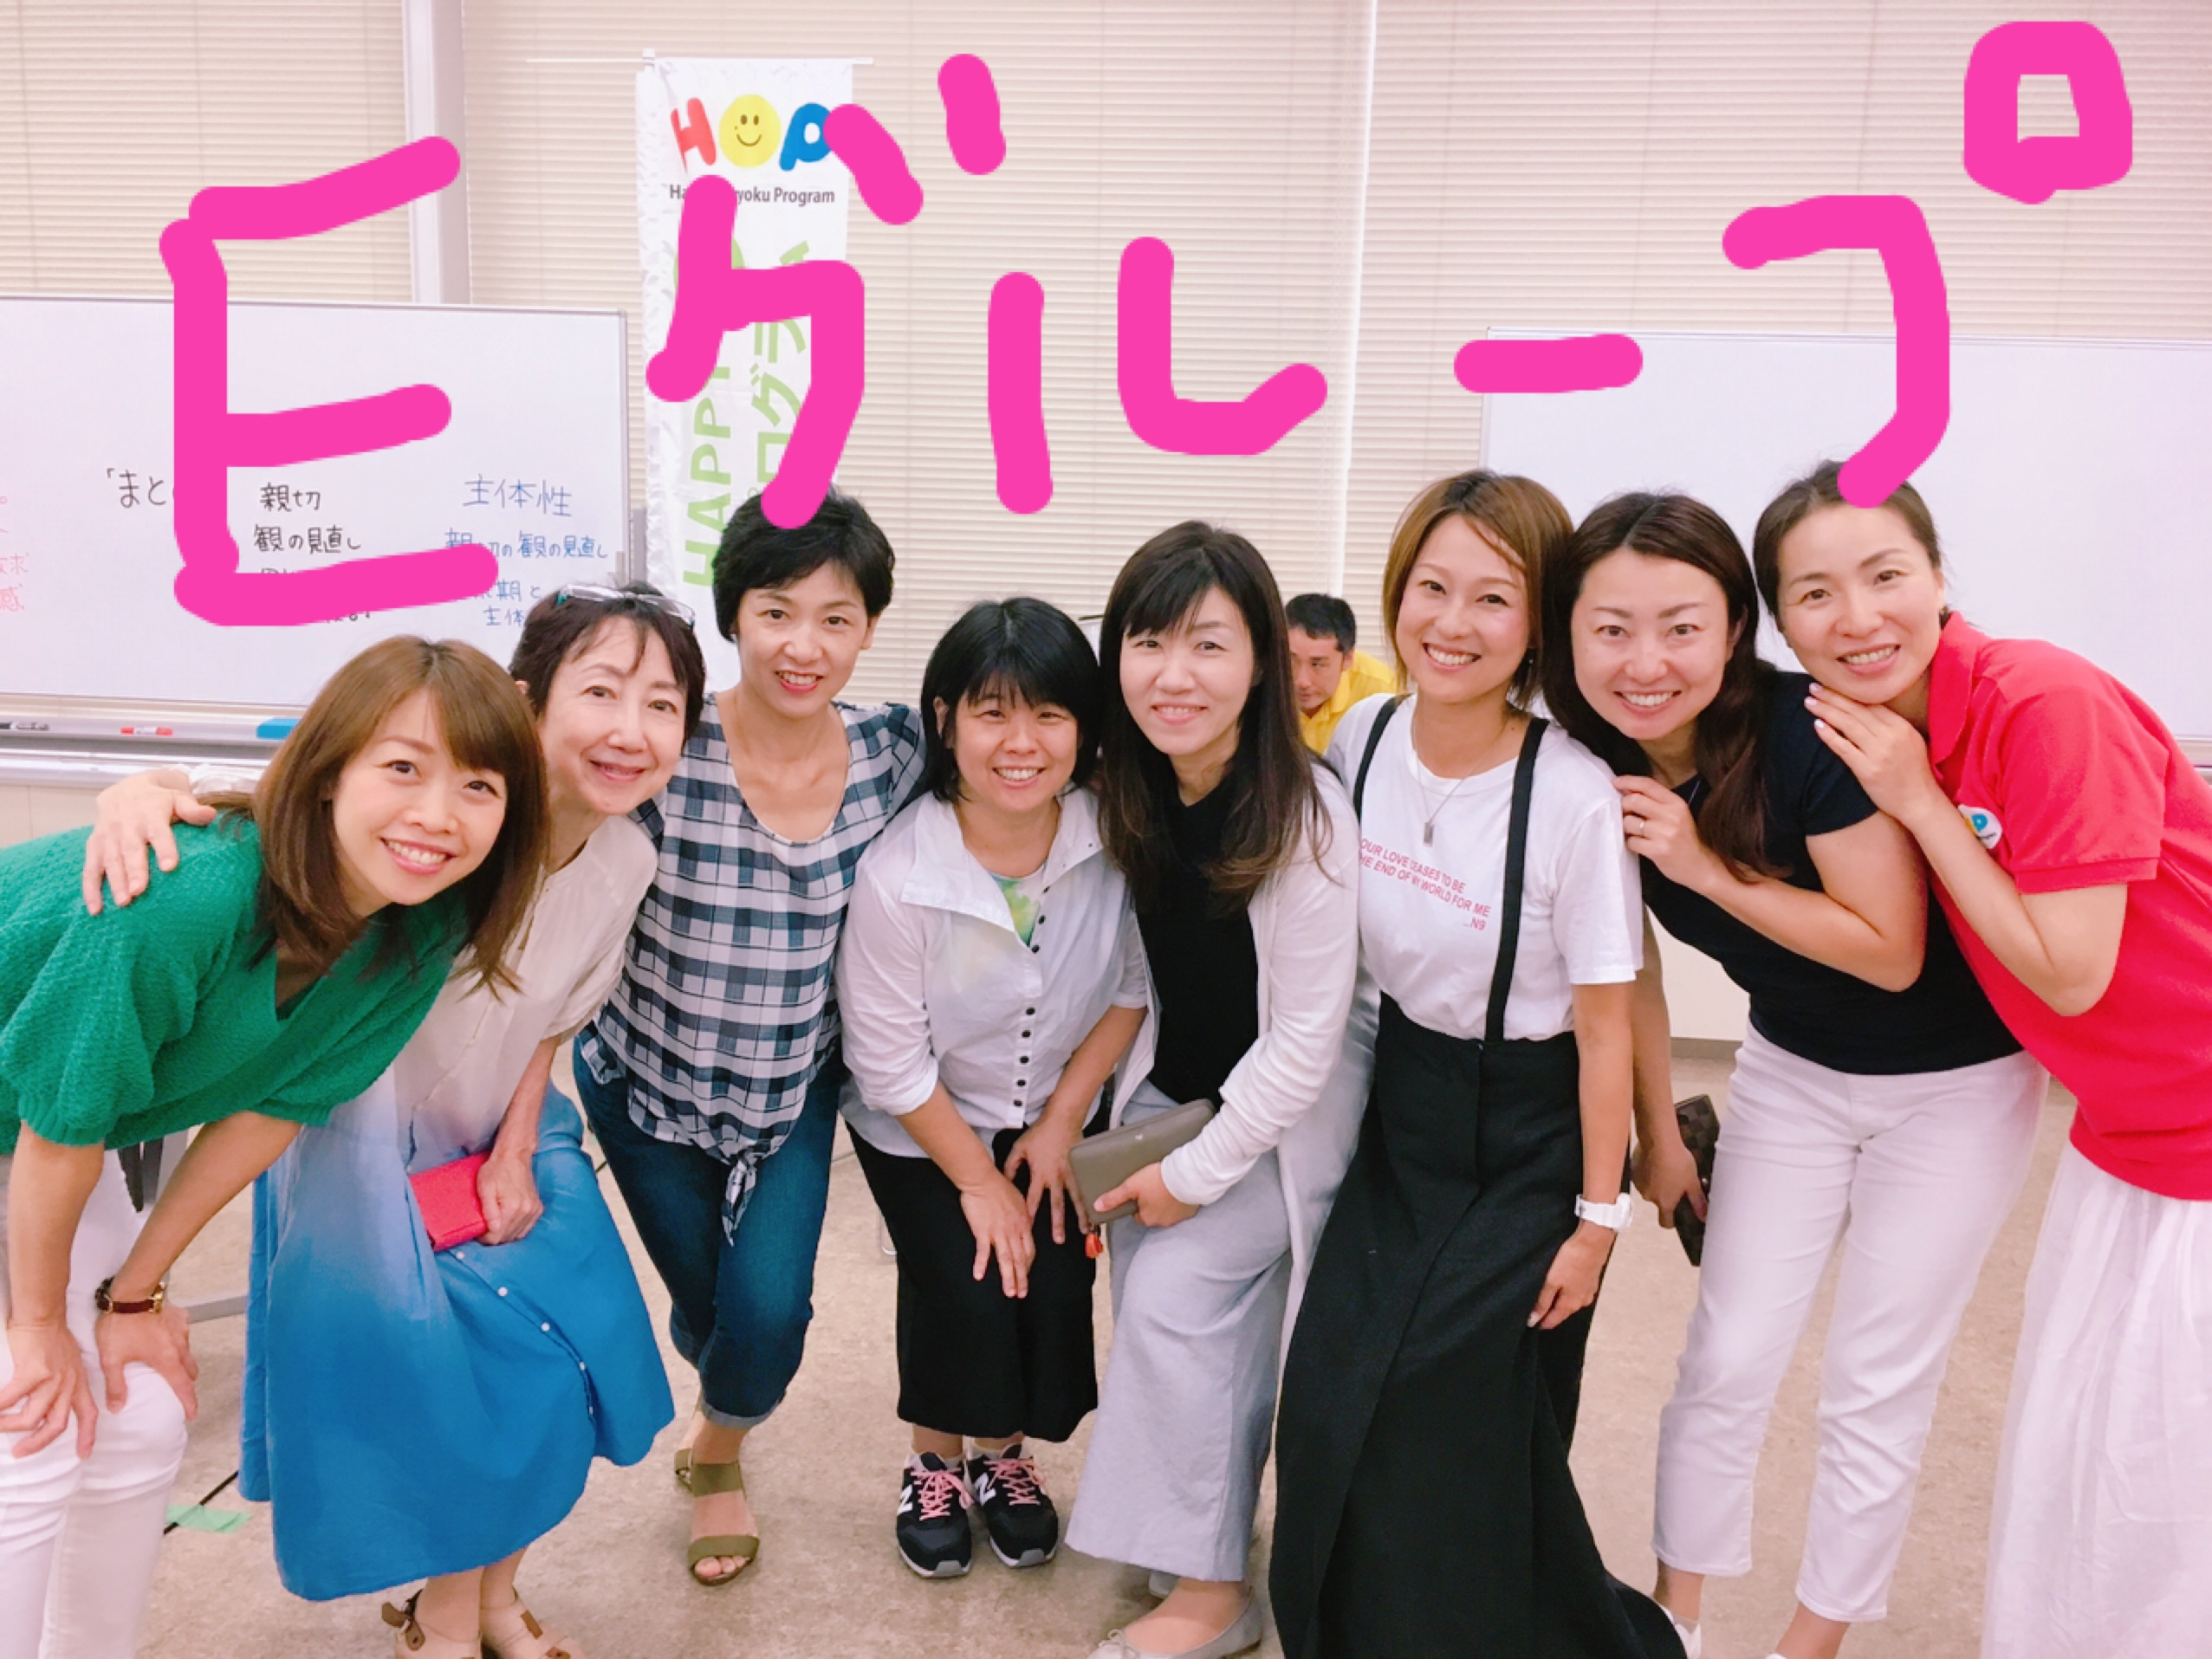 2019/8/27 1010HAPPY 藤沢クラスEグループ